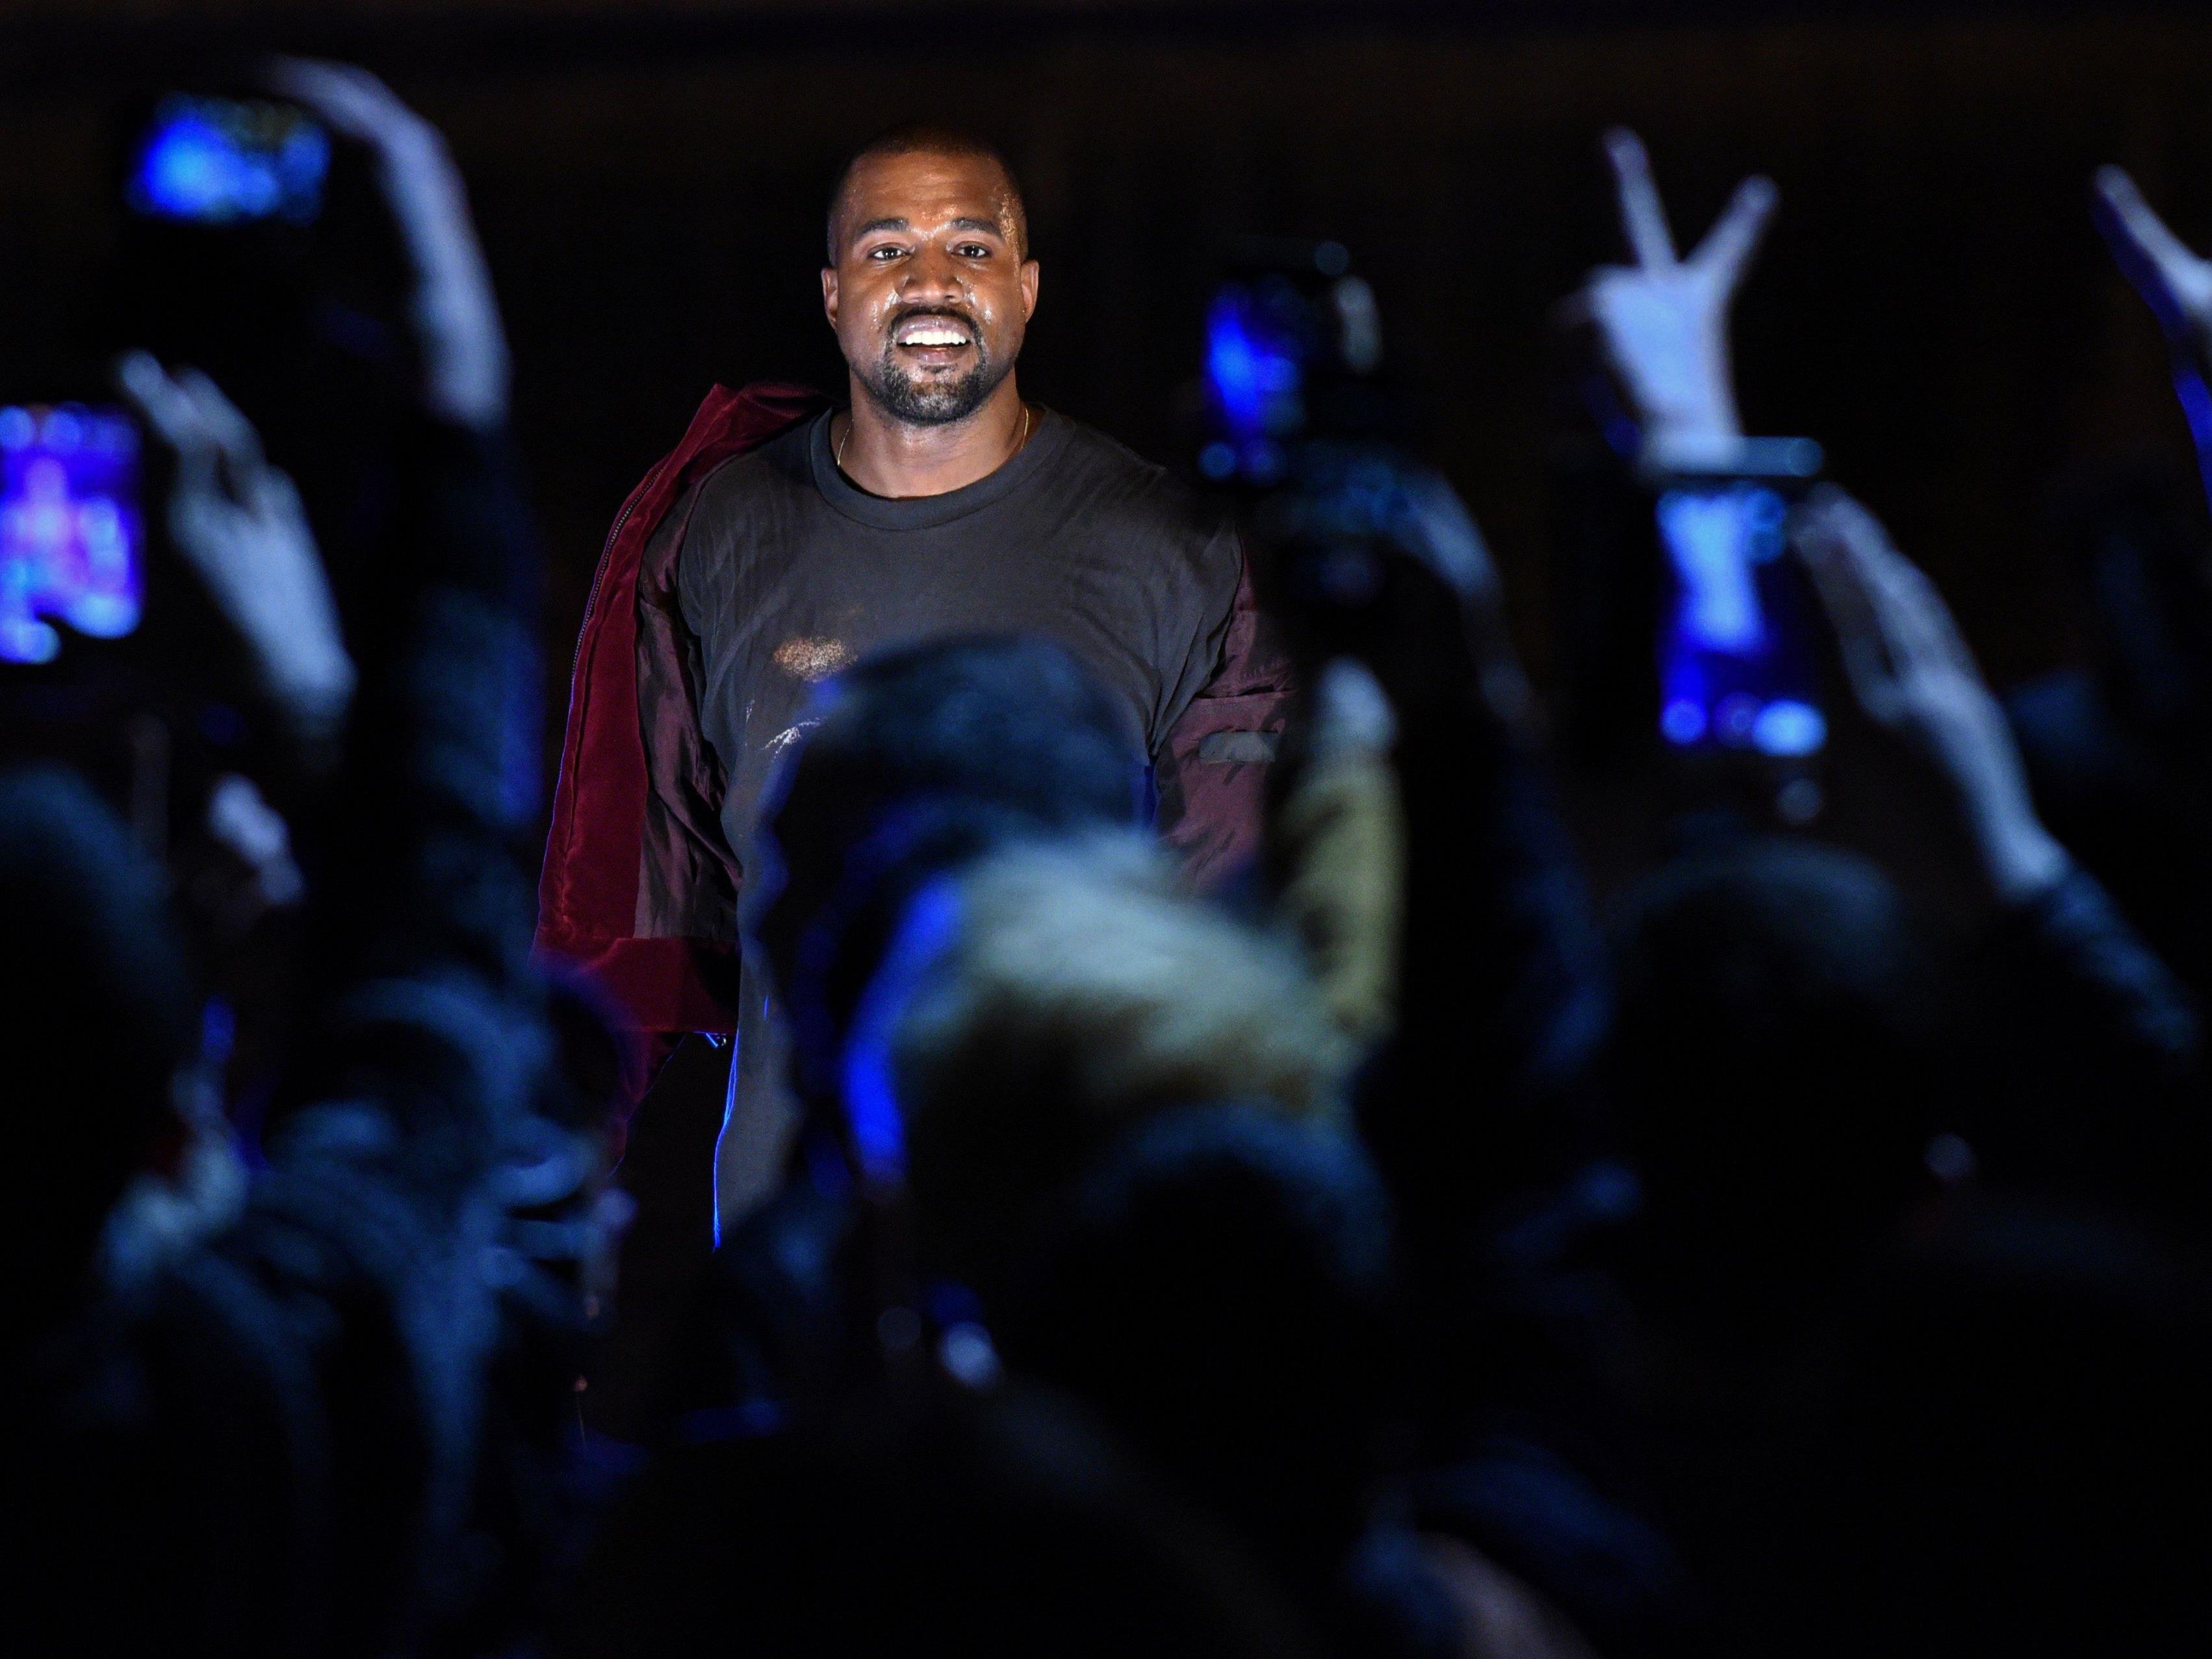 Als erster Künstler erreicht Kanye West mit Streaming-Album Platz eins der US-Charts.